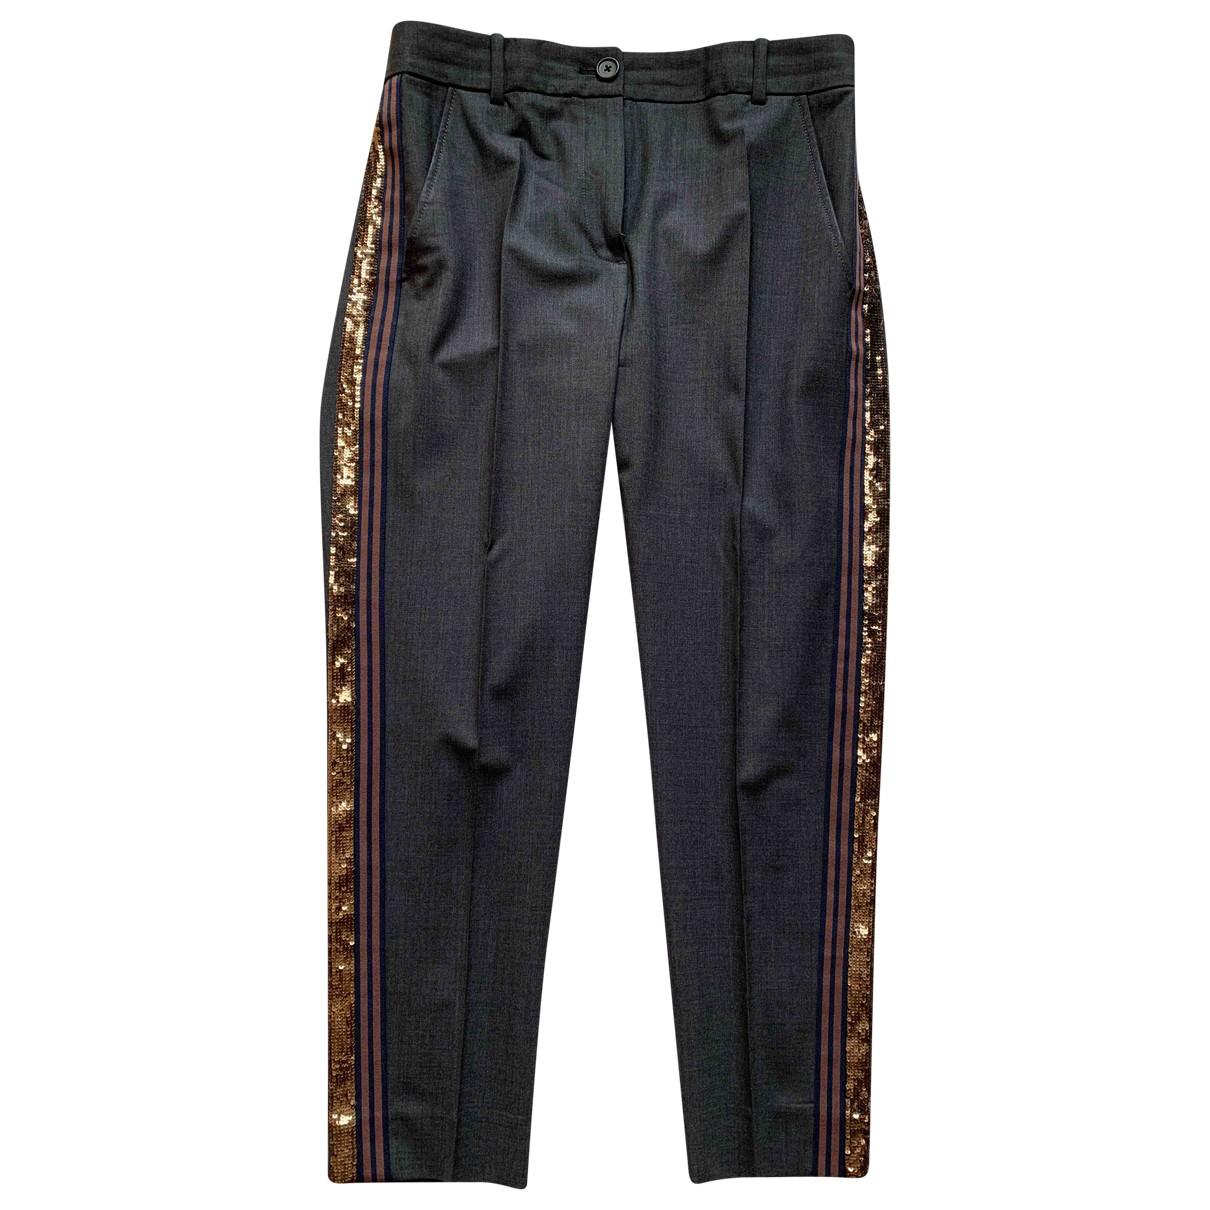 Pantalon de Lana J.crew